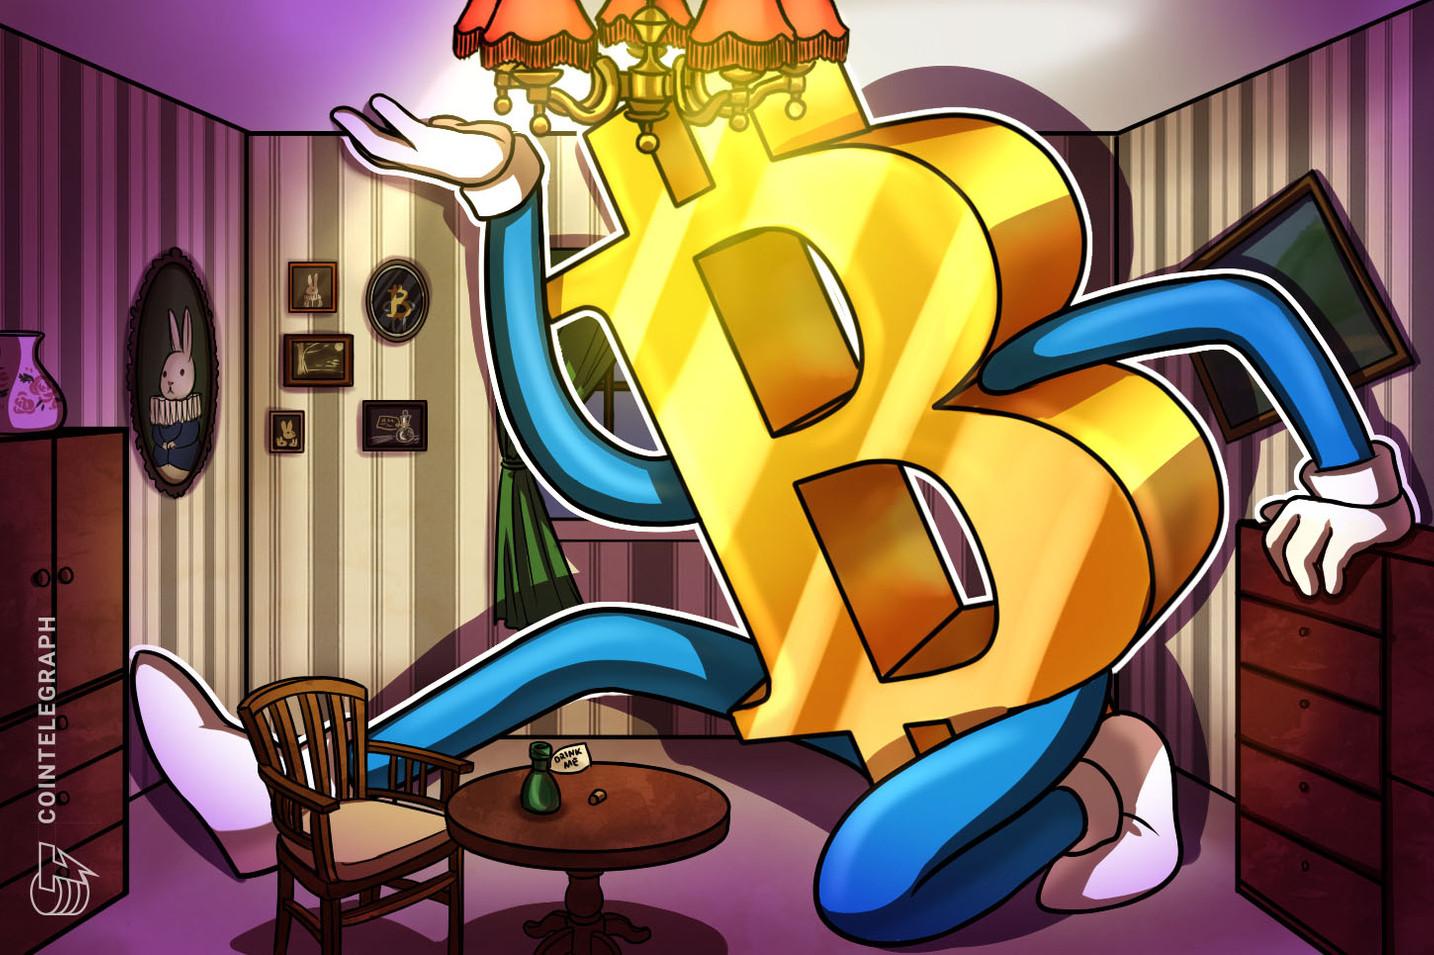 ¡No hay debate! El precio de Bitcoin aumentará 20 veces, dice un empresario relacionado con la industria del oro